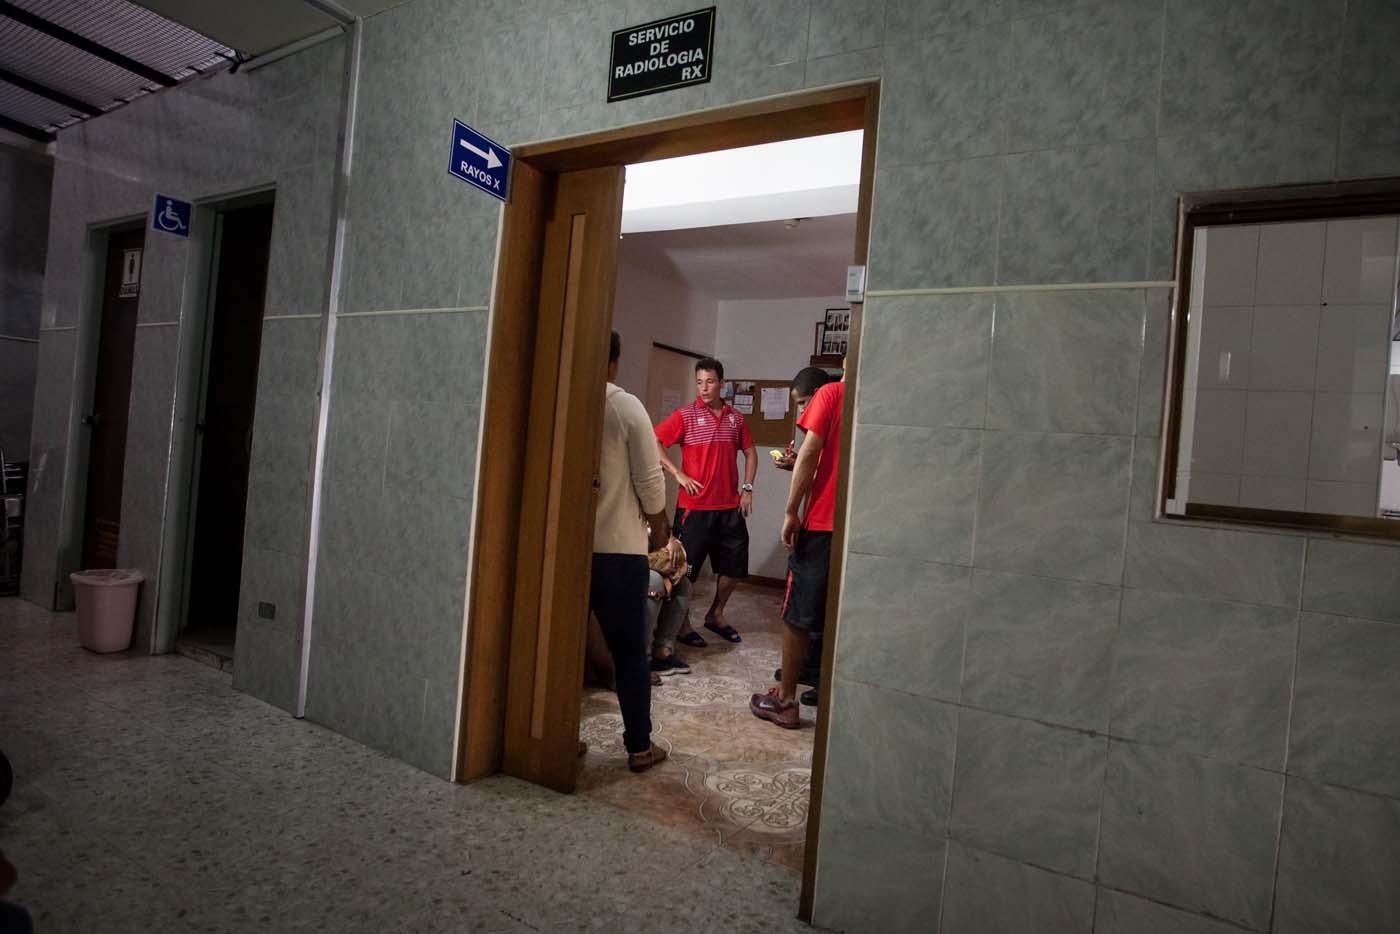 CAR01. LA GUAIRA (VENEZUELA), 10/02/2016.- Jugadores del equipo argentino de fútbol Huracán permanecen hoy, miércoles 10 de febrero de 2016, en la sala de radiología del Centro Médico Luis F. Marcano en La Guaira (Venezuela). El jugador Patricio Toranzo, sufrió la amputación de cuatro dedos de su pie izquierdo, tras el accidente que tuvo hoy el autobús que trasladaba al equipo al aeropuerto de Maiquetía de Venezuela, según informó a Efe el coordinador general del Caracas FC, Ricardo Padrón. EFE/MIGUEL GUTIÉRREZ